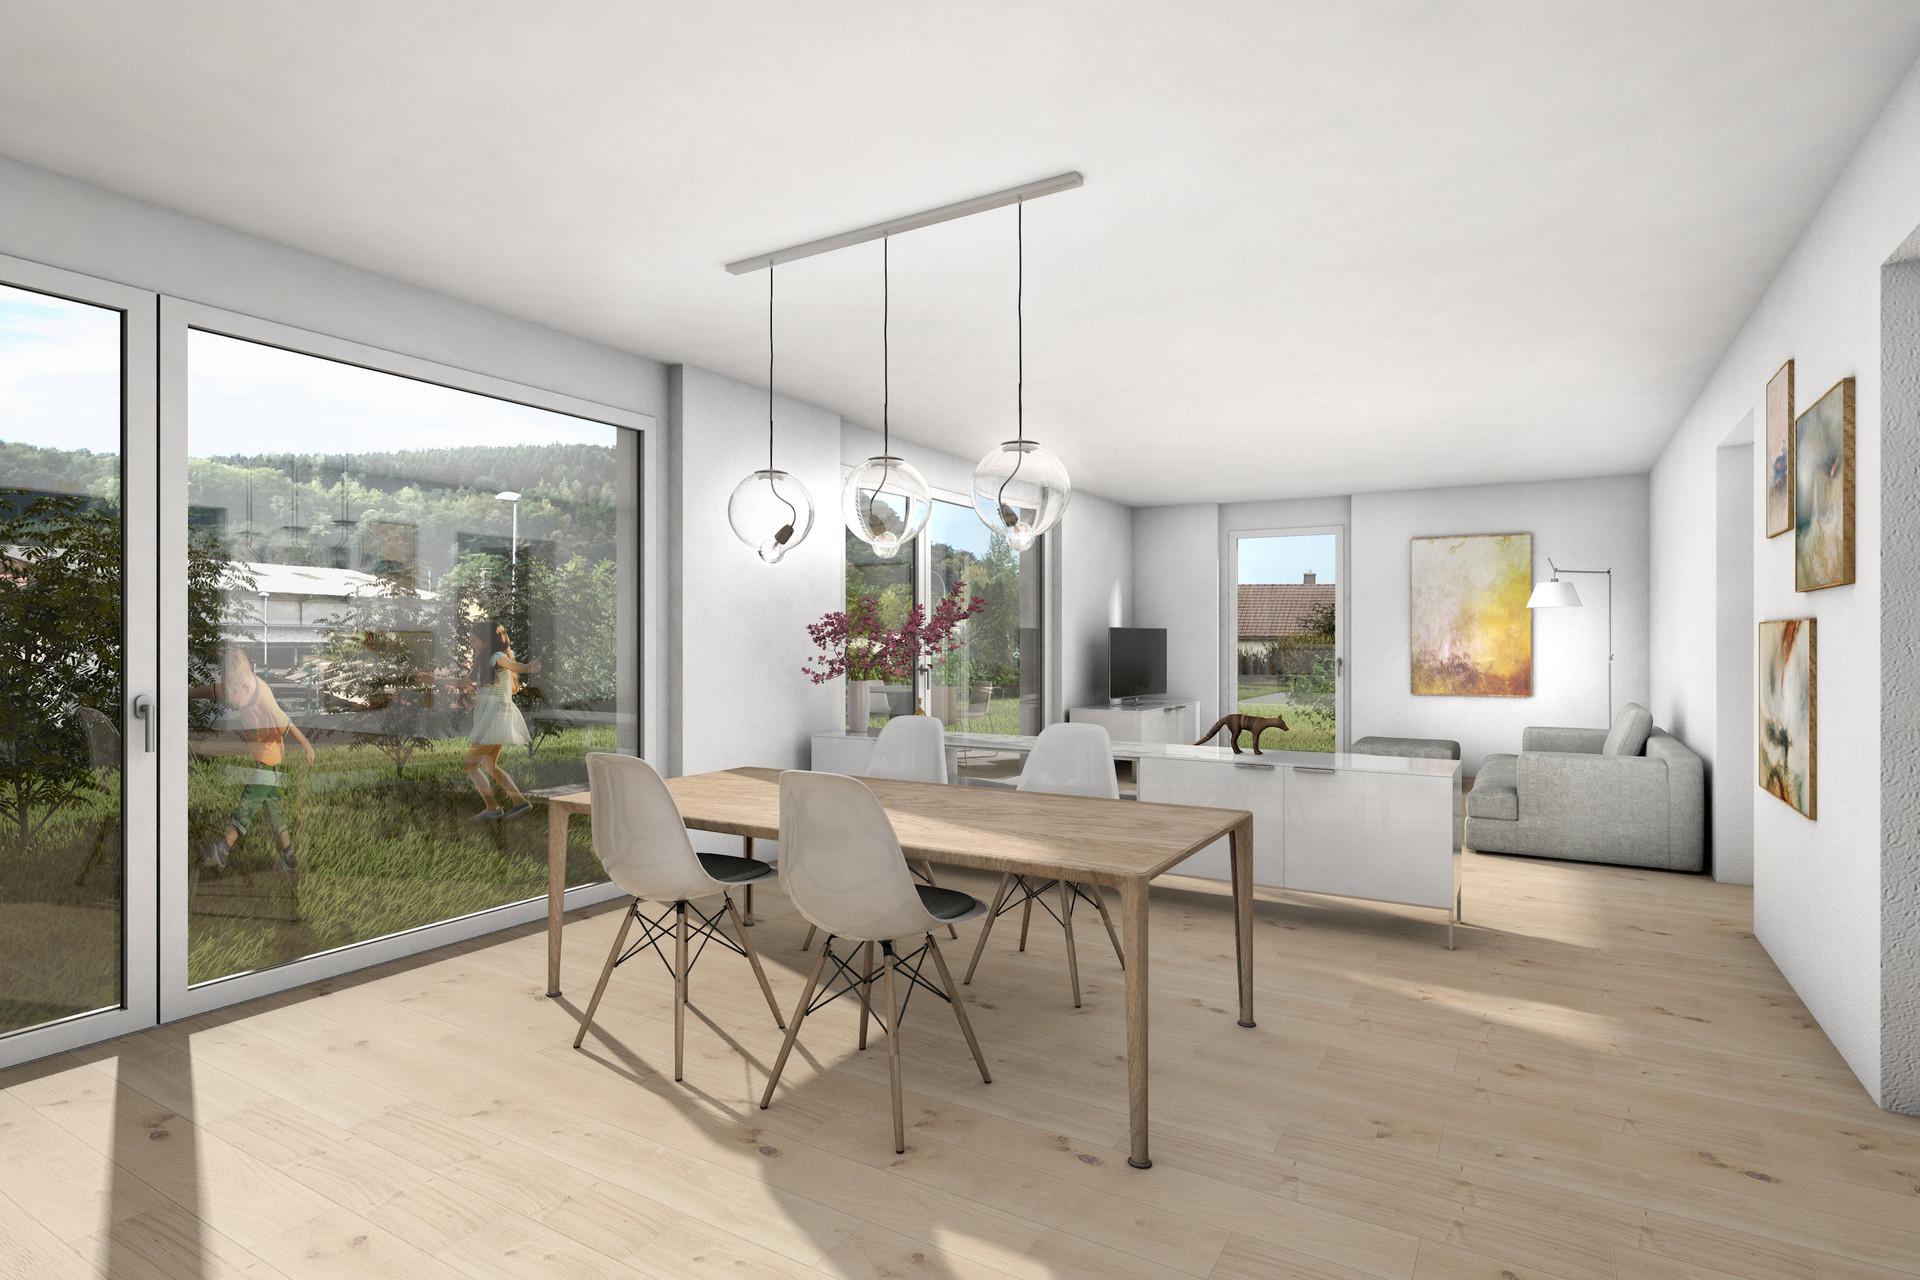 Verkaufsbild für Bau und Form Architekten AG, Olten